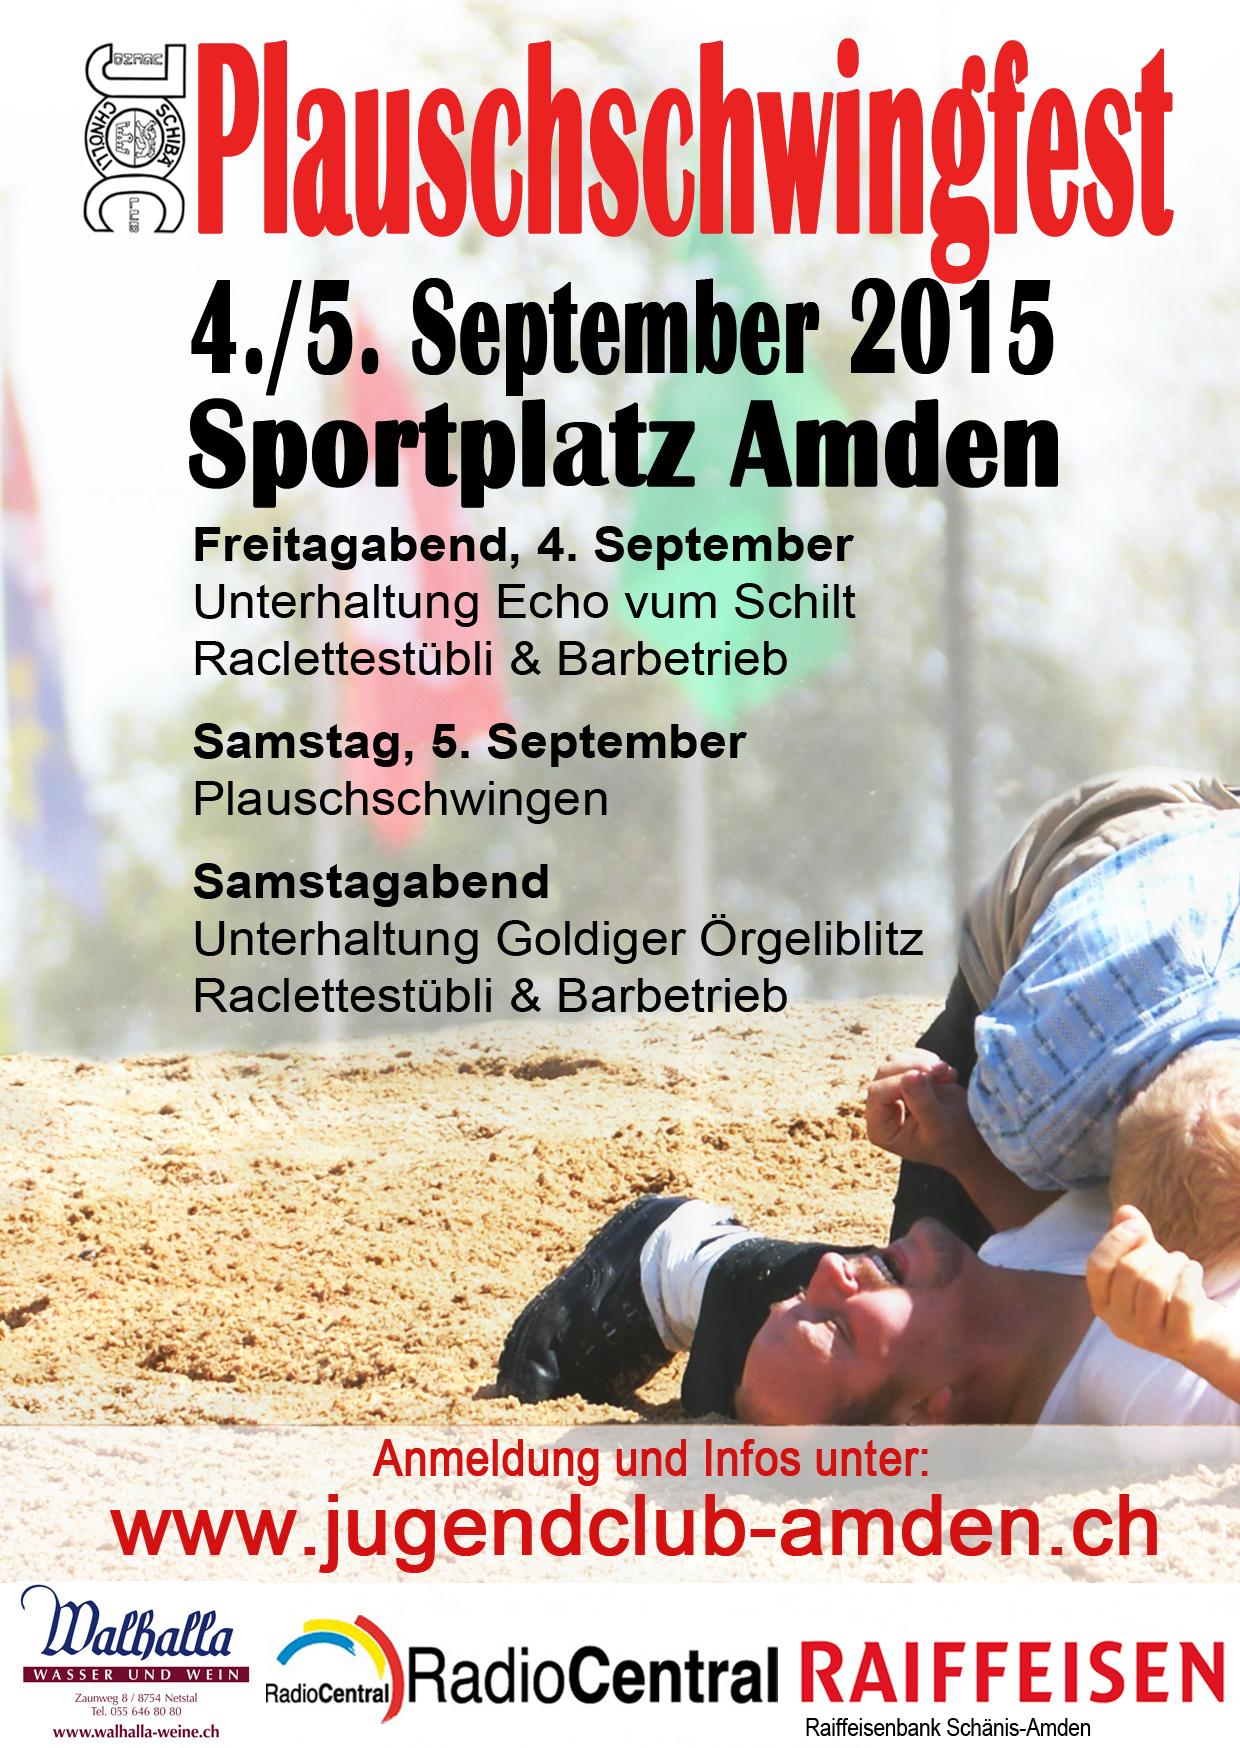 8. Plauschschwingfest